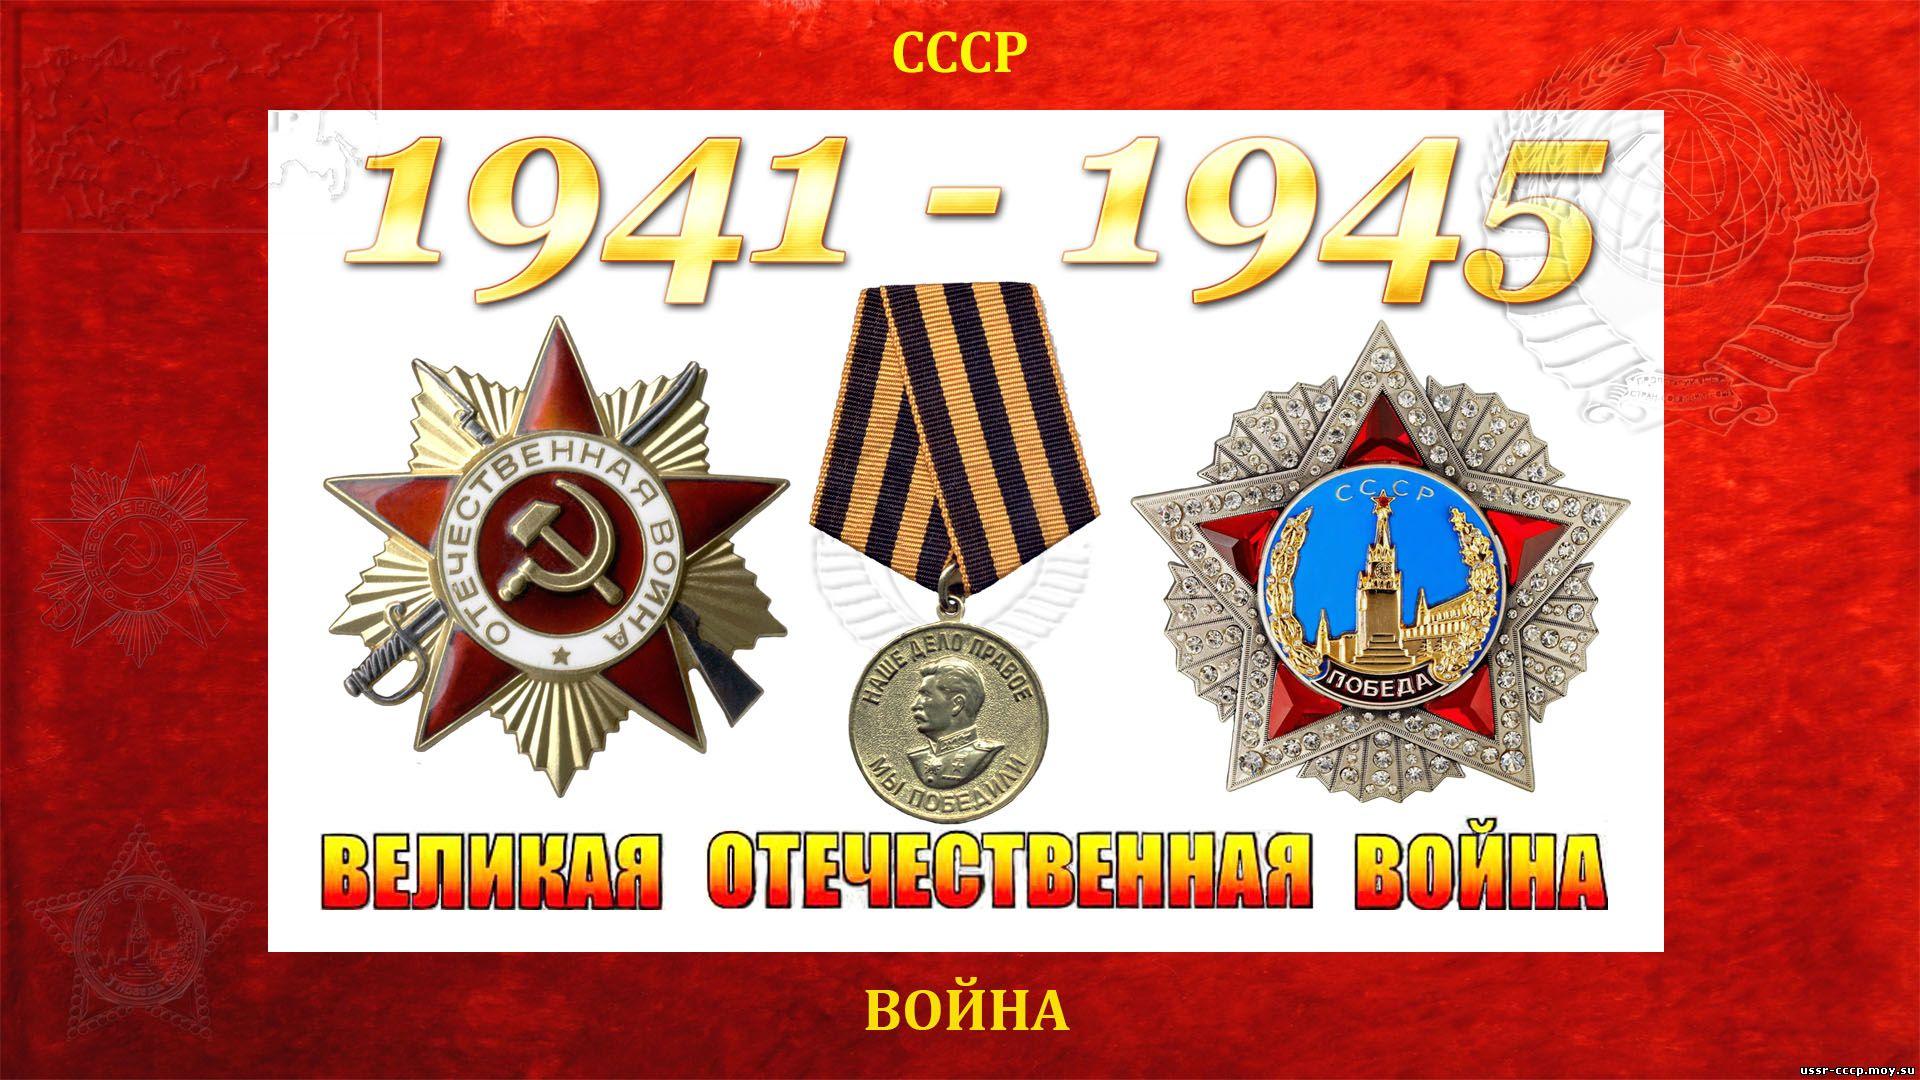 Великая Отечественная война — СССР-Германия (22.06.1941 — 09.05.1945) (повествование)